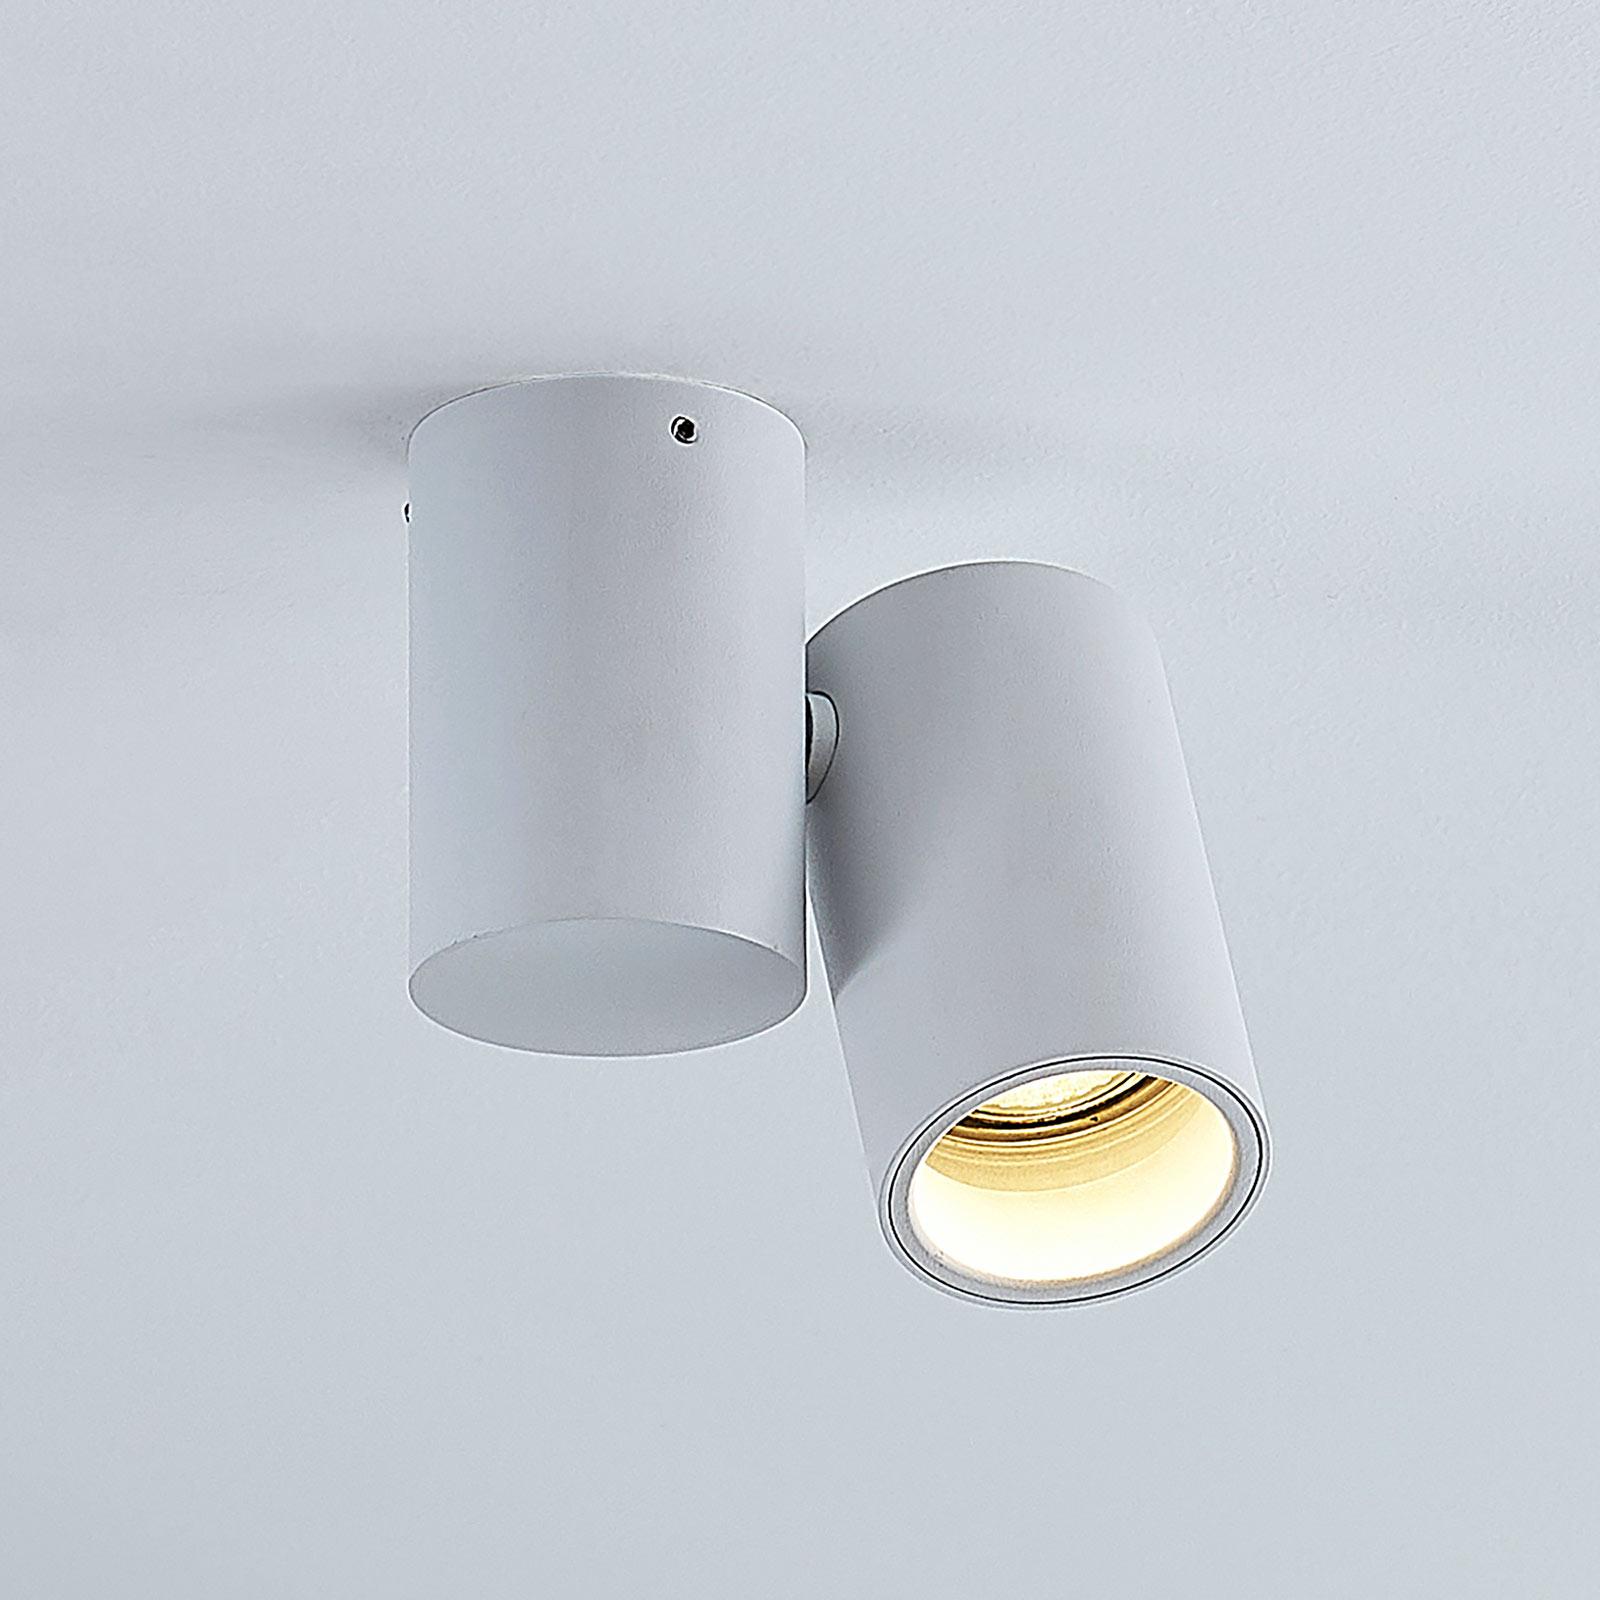 Deckenlampe Gesina, einflammig, weiß